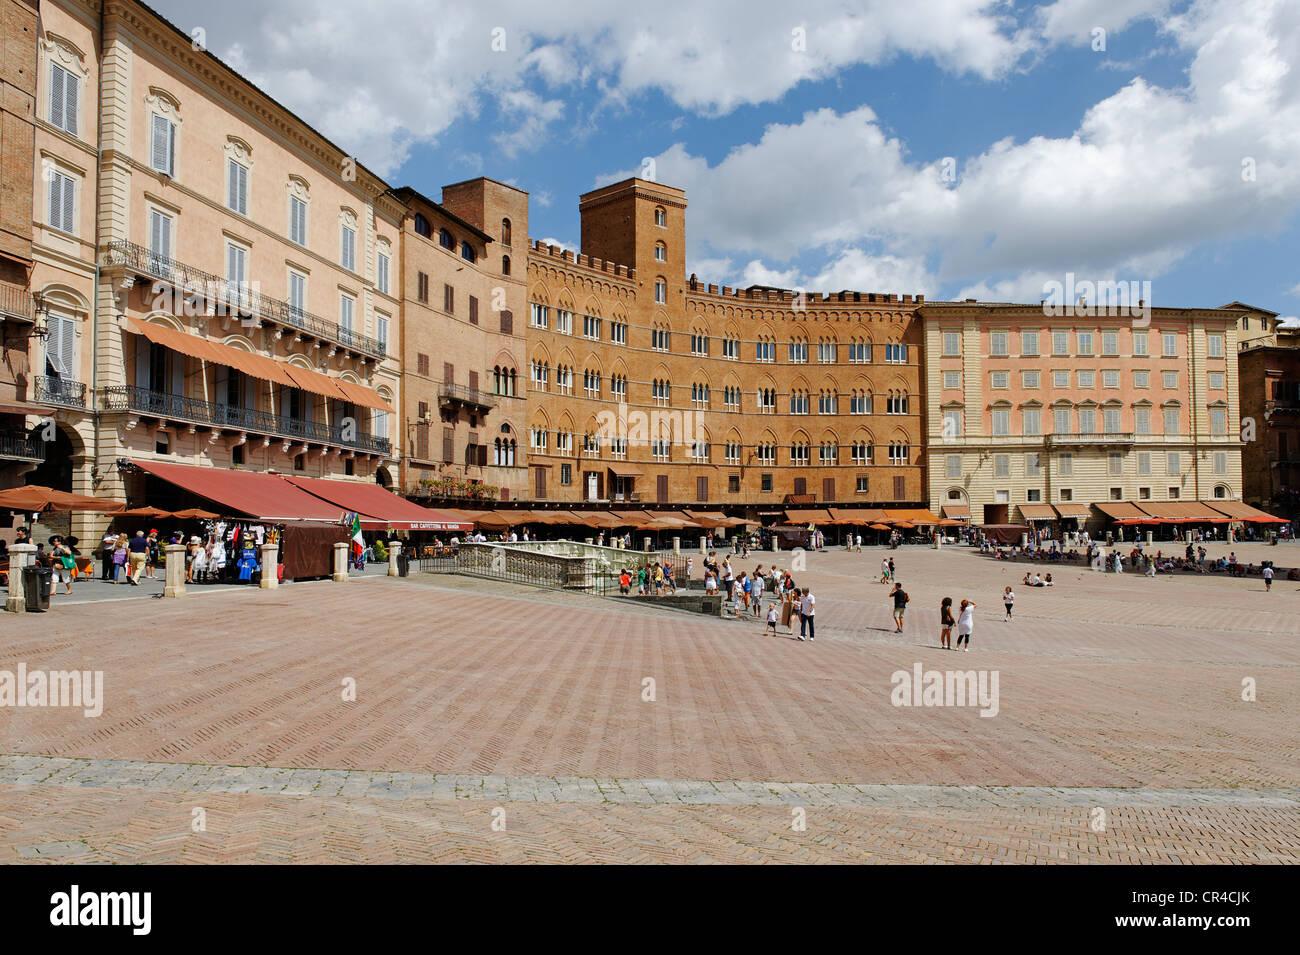 Piazza del Campo, Siena, Tuscany, Italy, Europe - Stock Image